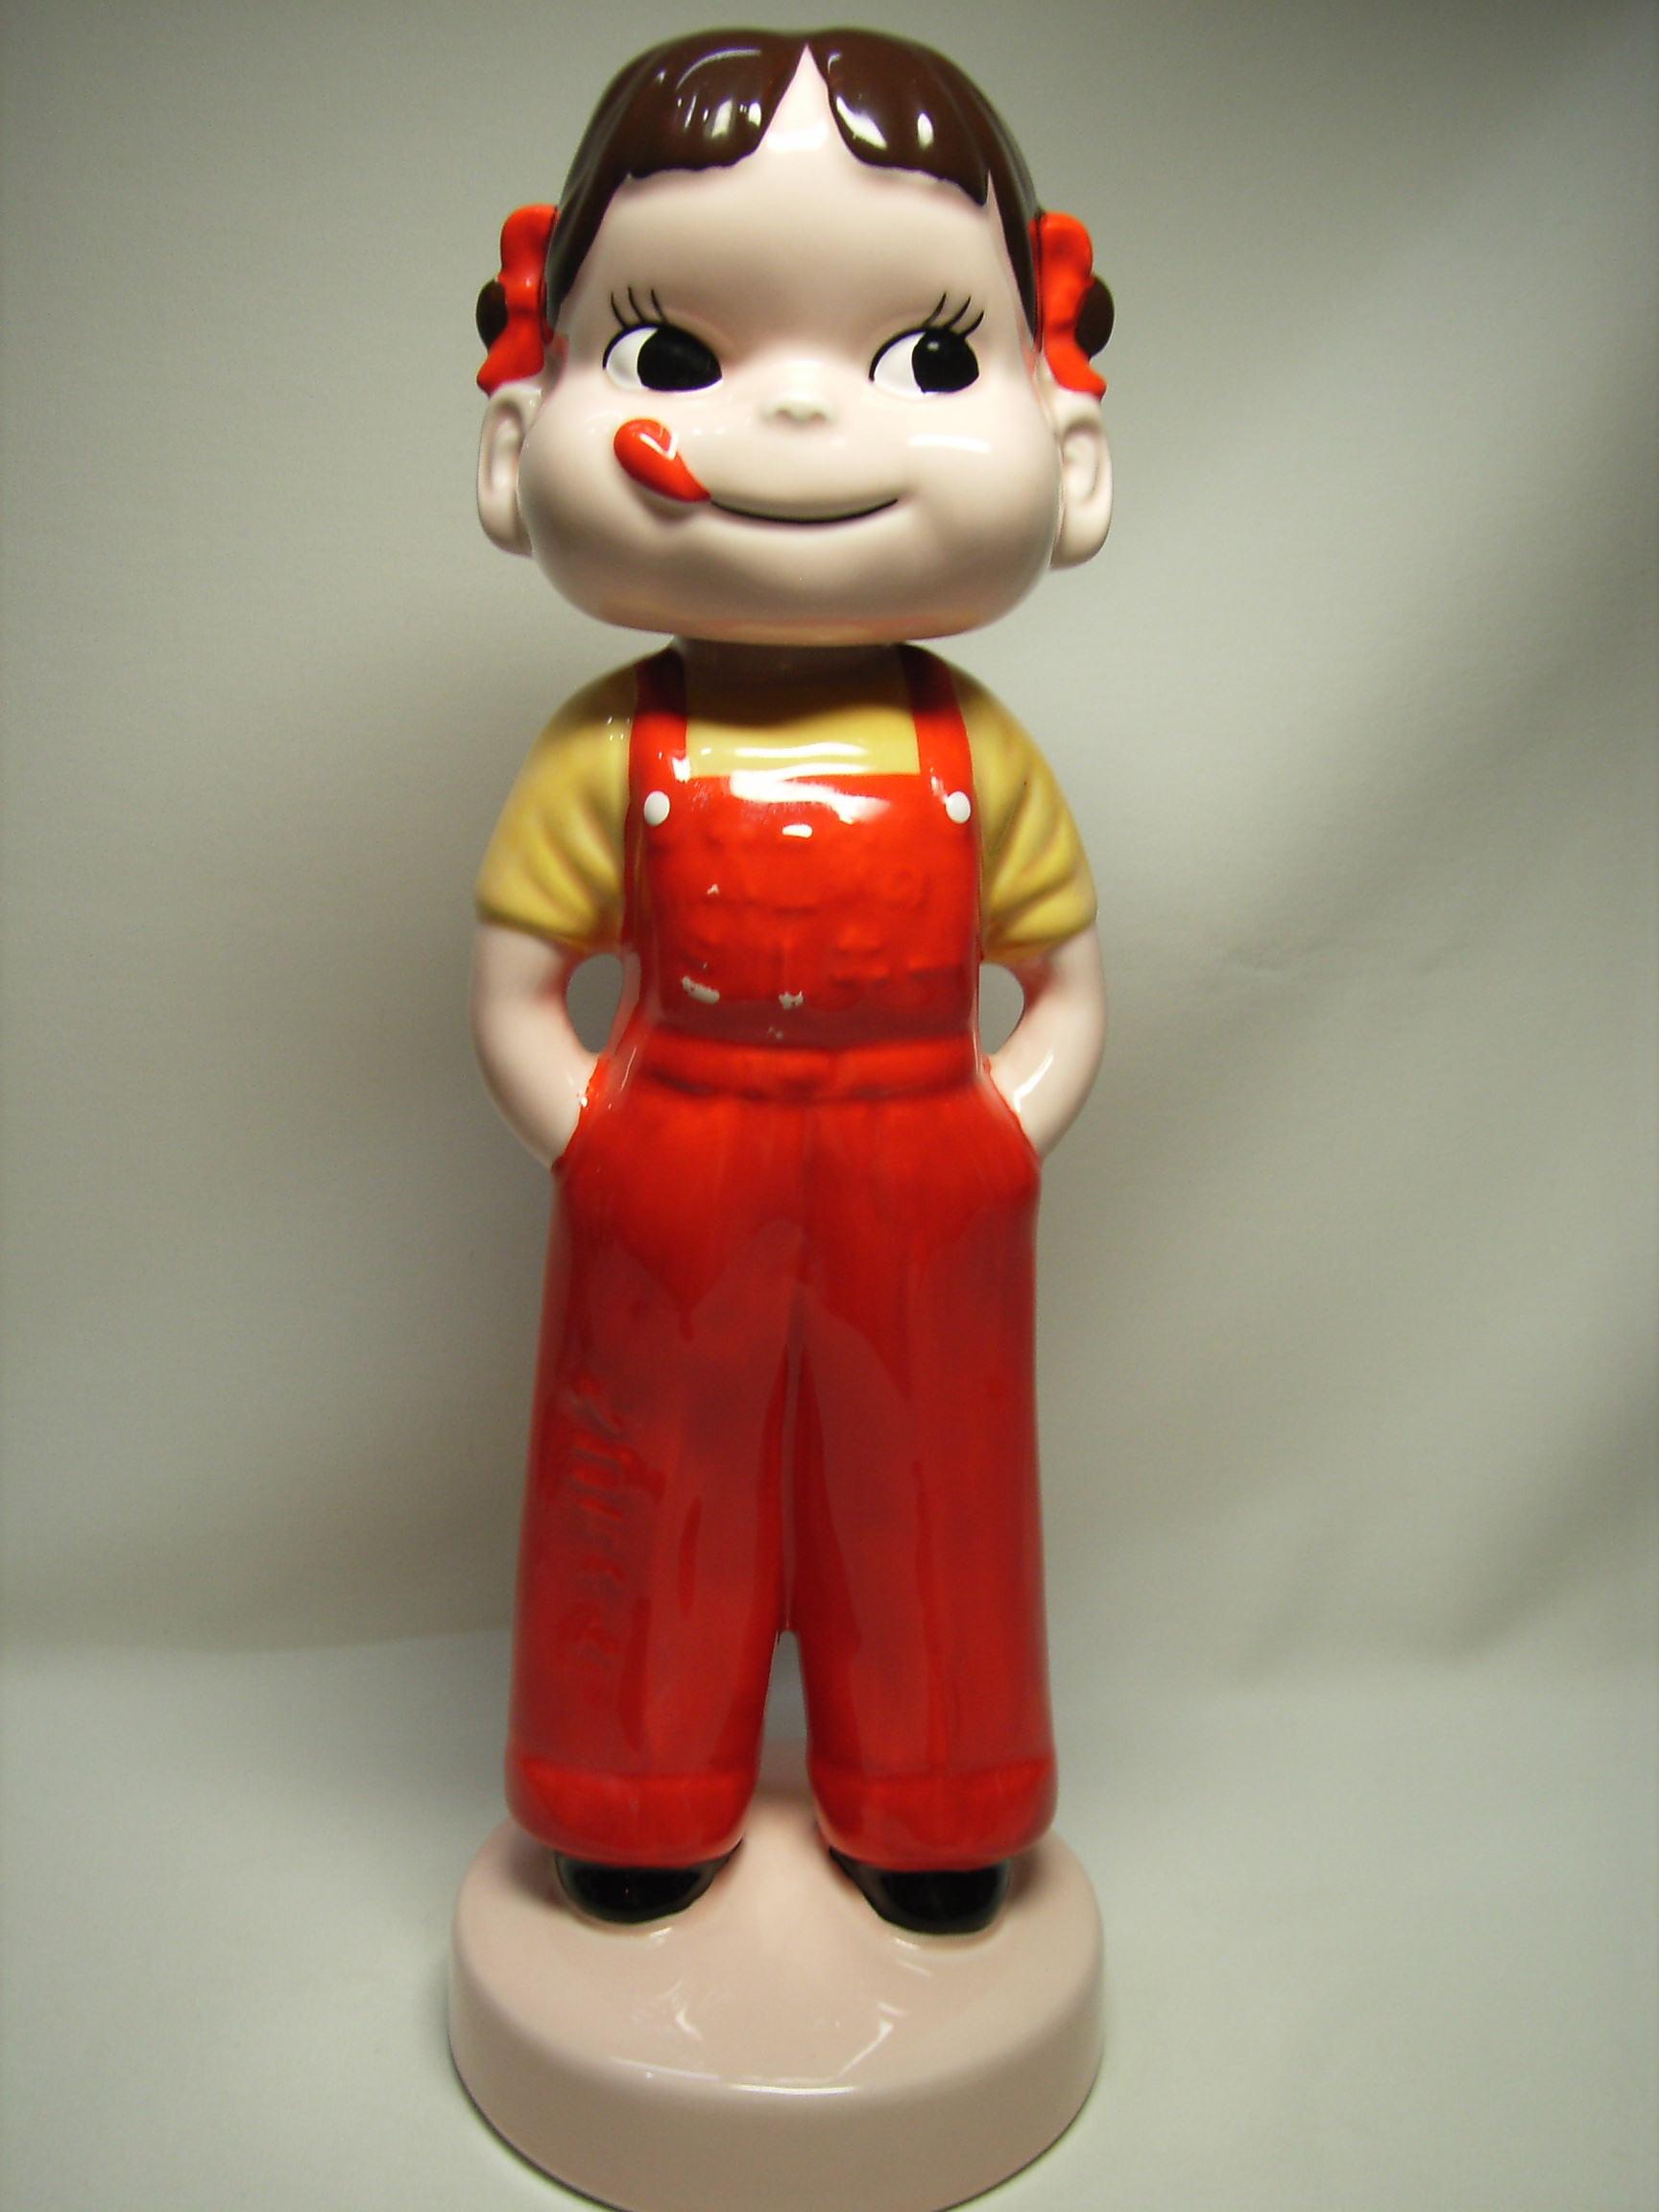 不二家☆首ふりペコちゃん☆陶器製☆人形 高さ 31.3cm 企業物 非売品 現状 【TO2492】